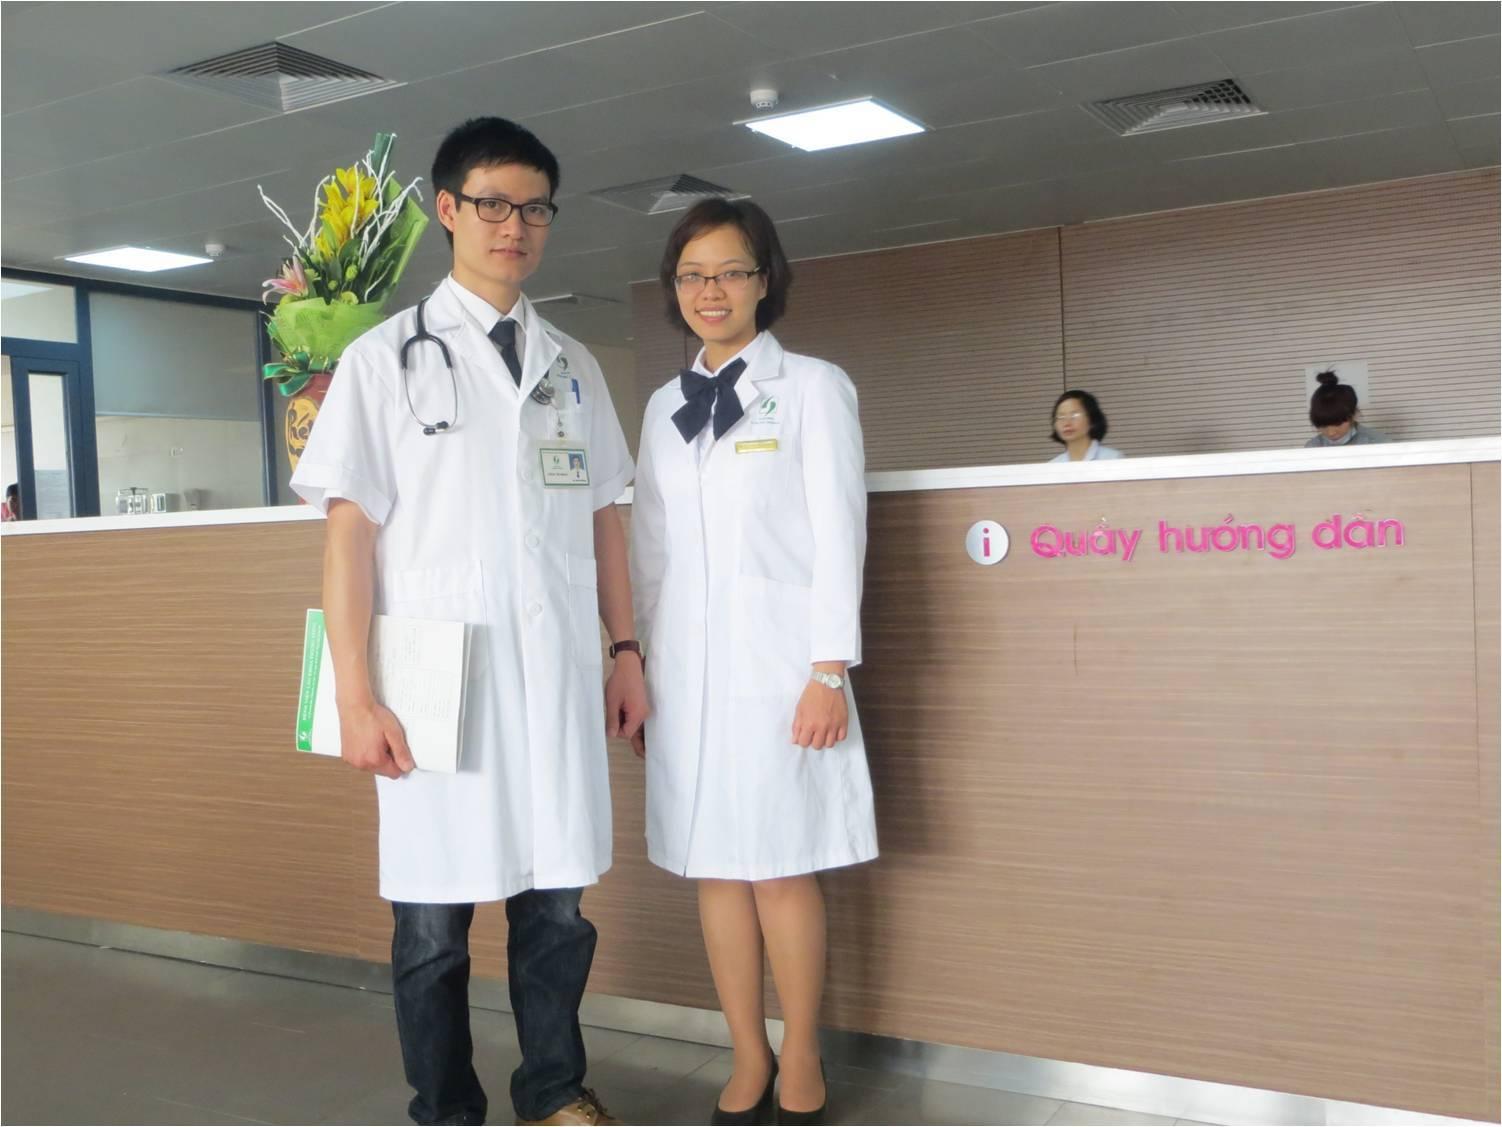 Đổi màu trang phục nhân viên y tế